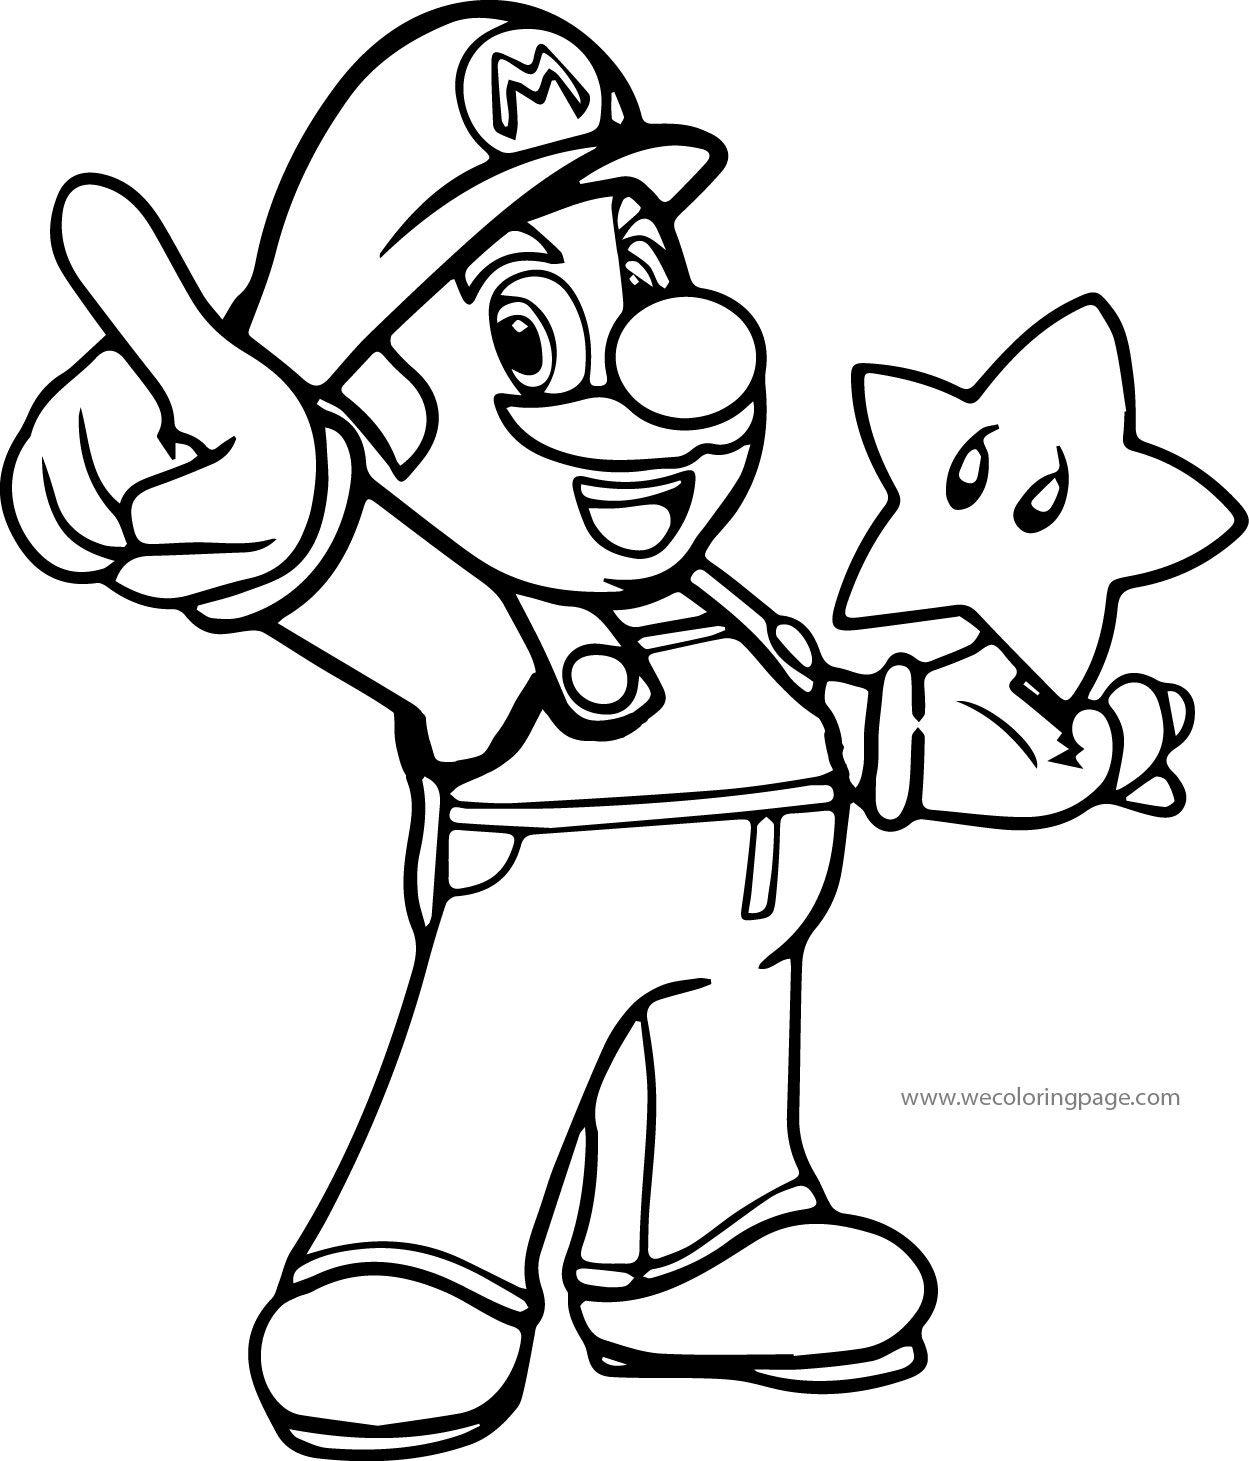 Super Mario Coloring Page   Wecoloringpage   Super mario ...